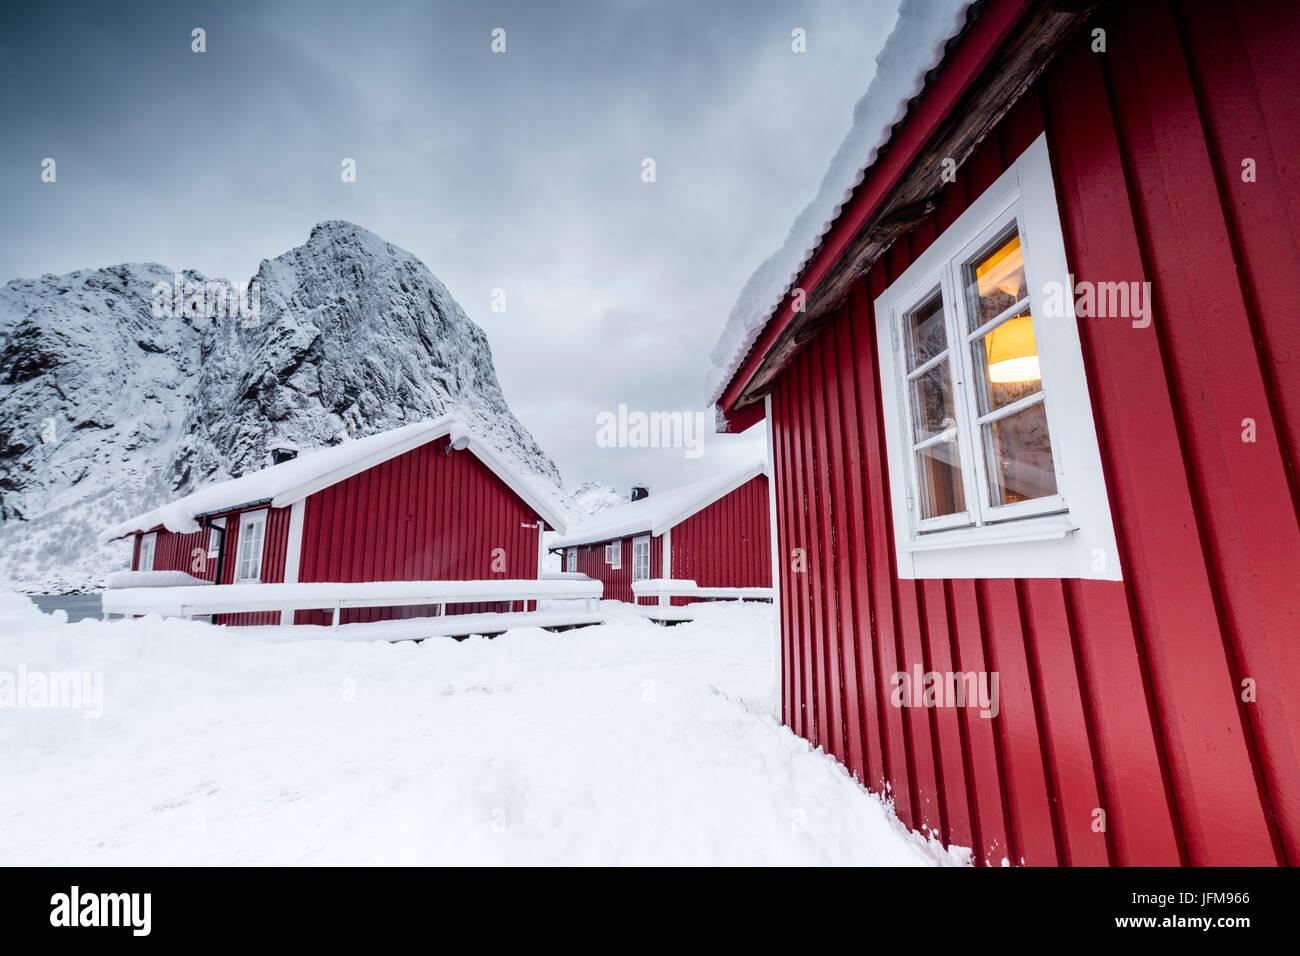 Nuages sur les maisons rouges typiques de pêcheurs appelée Rorbu entouré par snowy Hamnøy Lofoten, Photo Stock